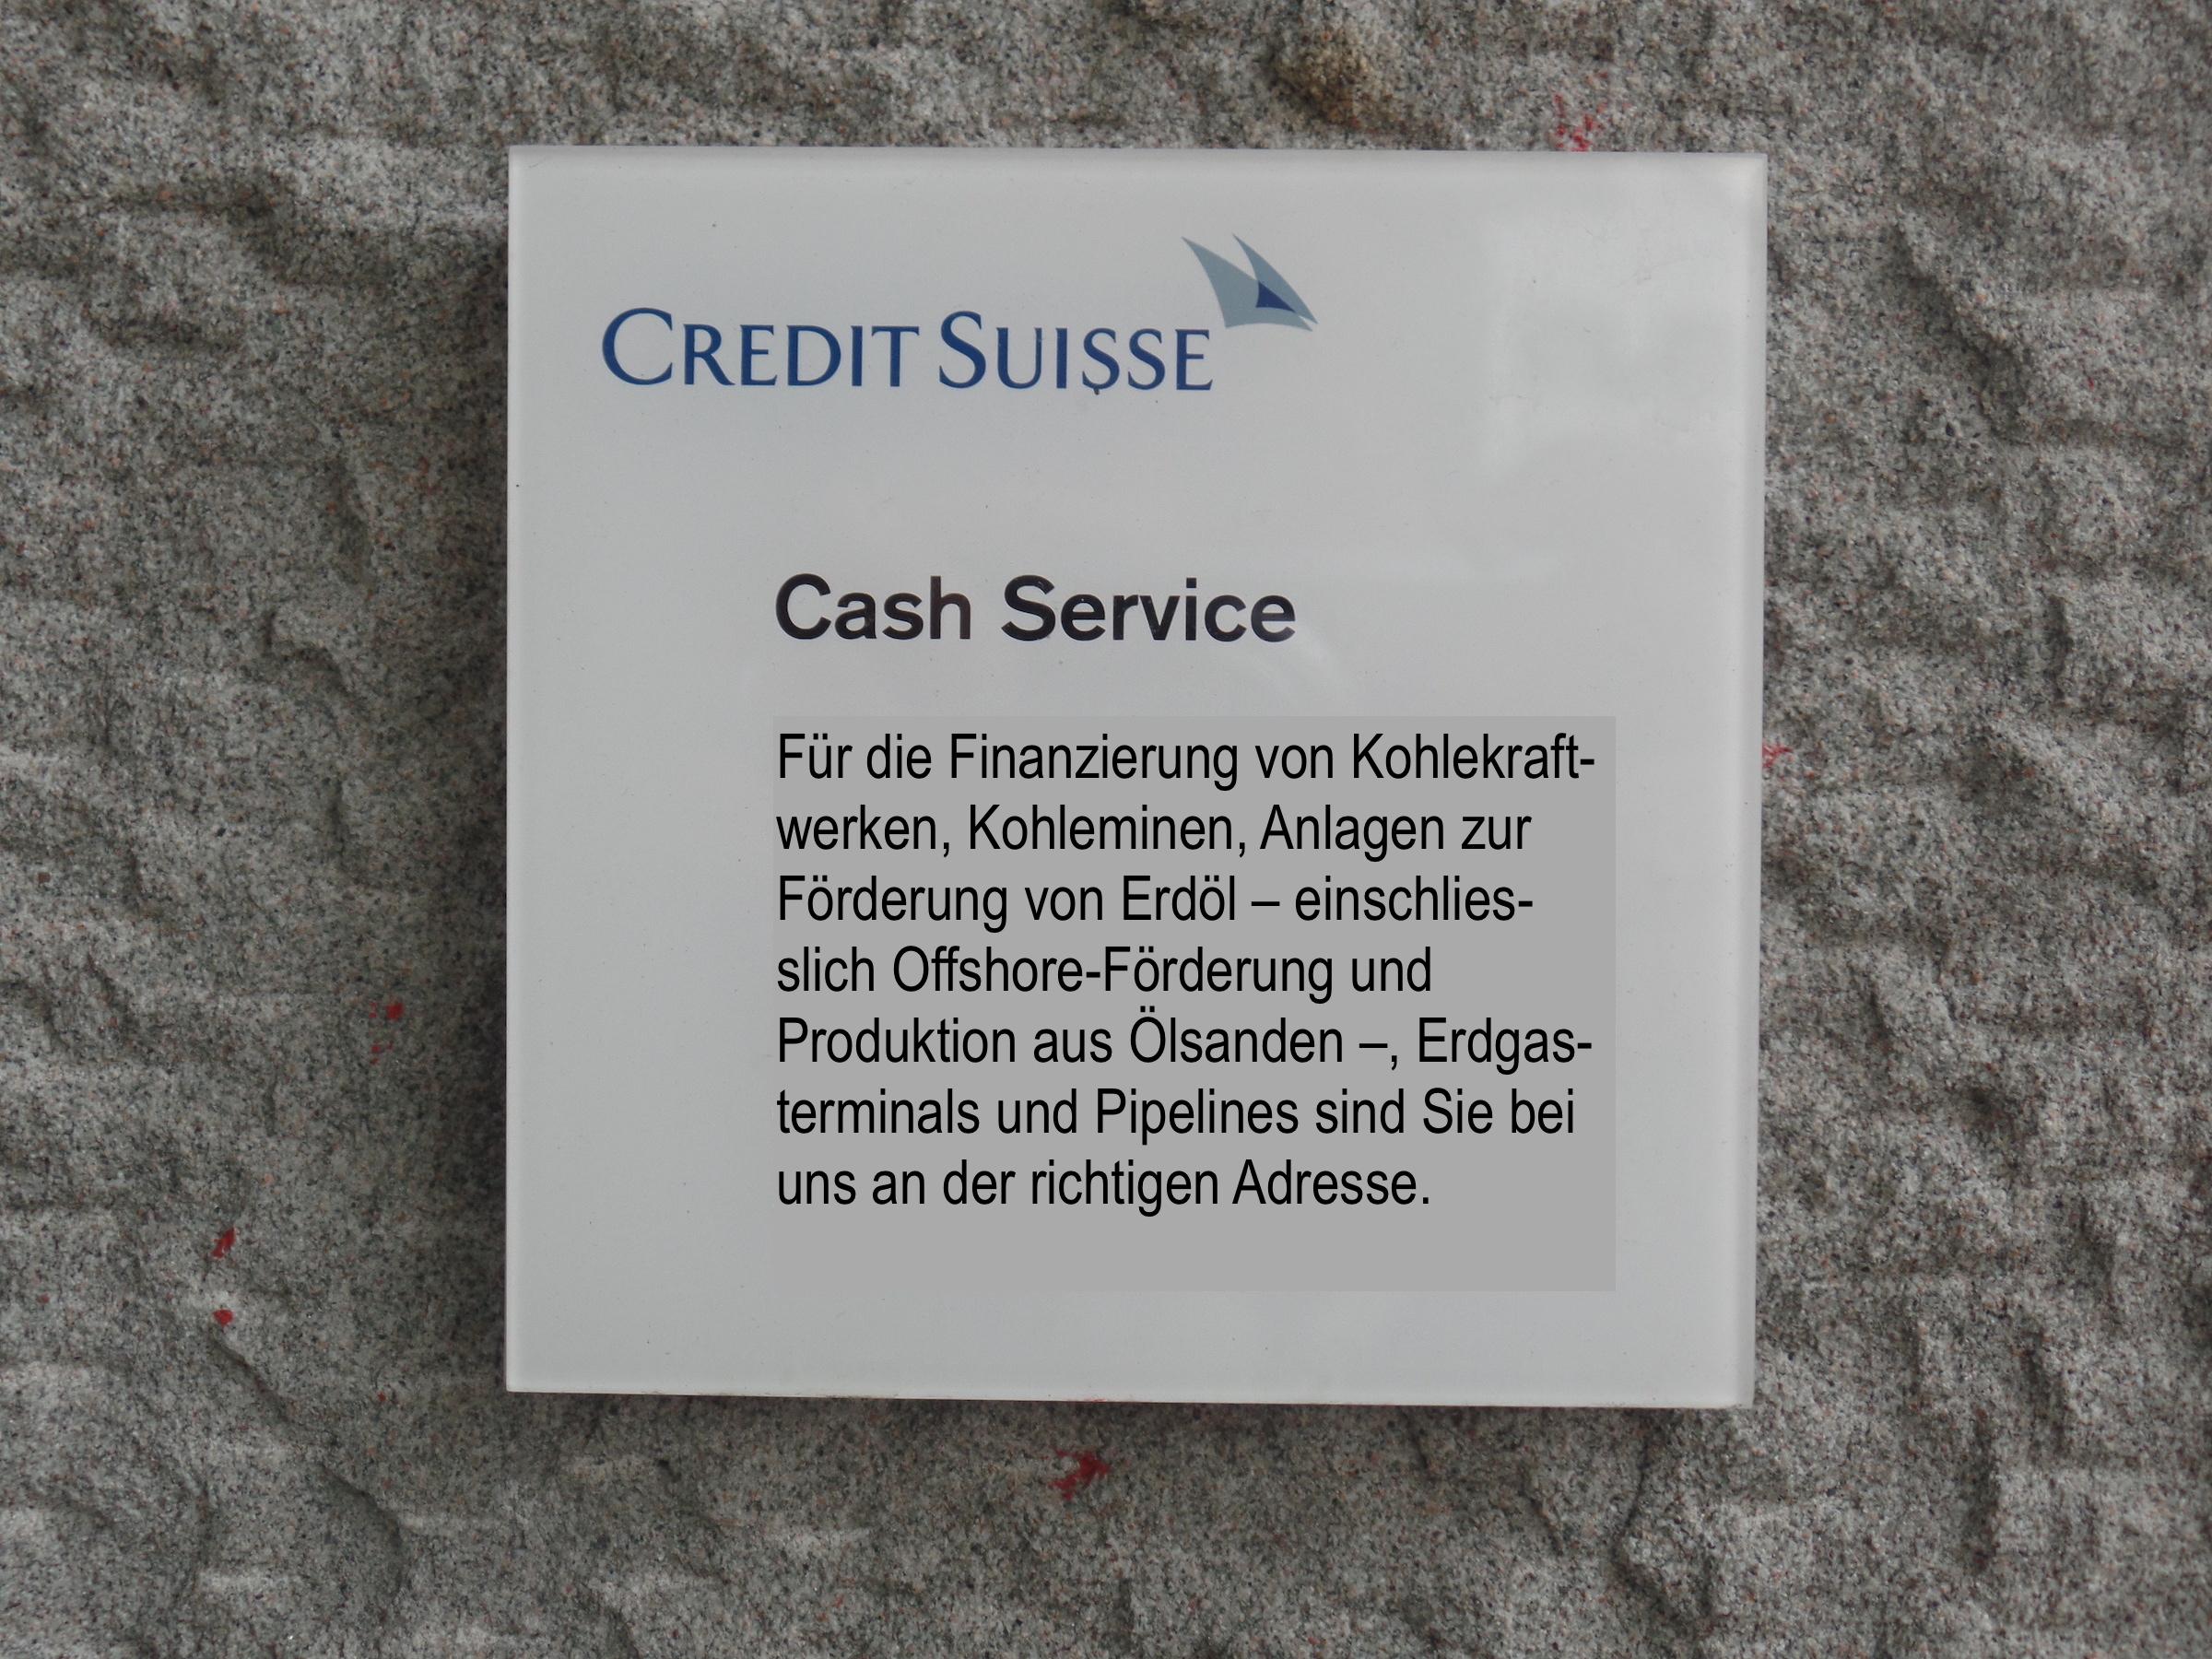 Credit Suisse: Cash Service für Projekte, die das Klima ruinieren.